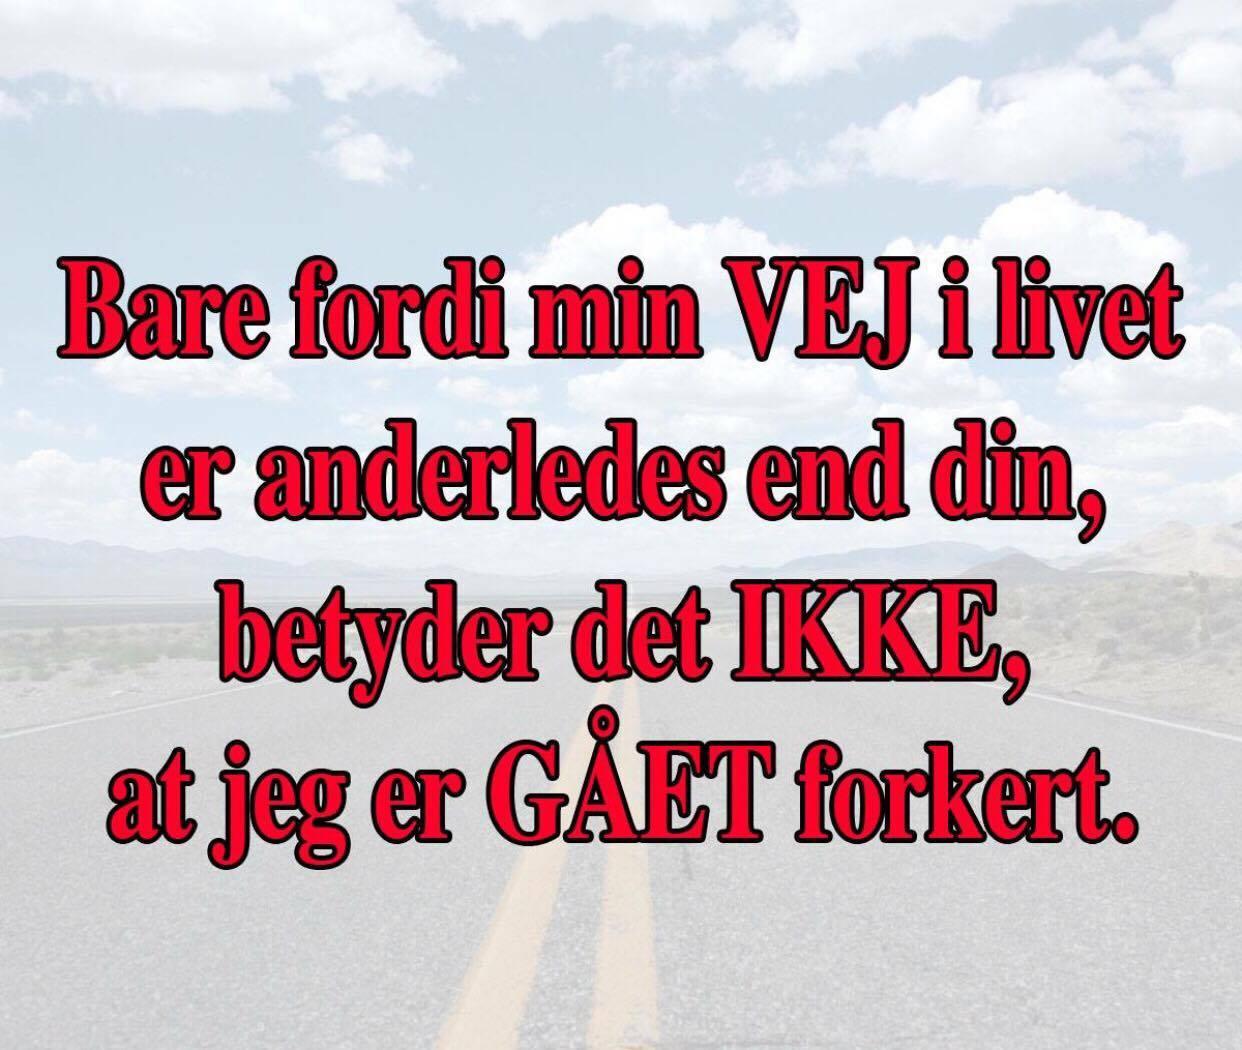 smukkeste citater livet   Danmarks smukkeste citater, Kærlighed.nu besøg os i dag smukkeste citater